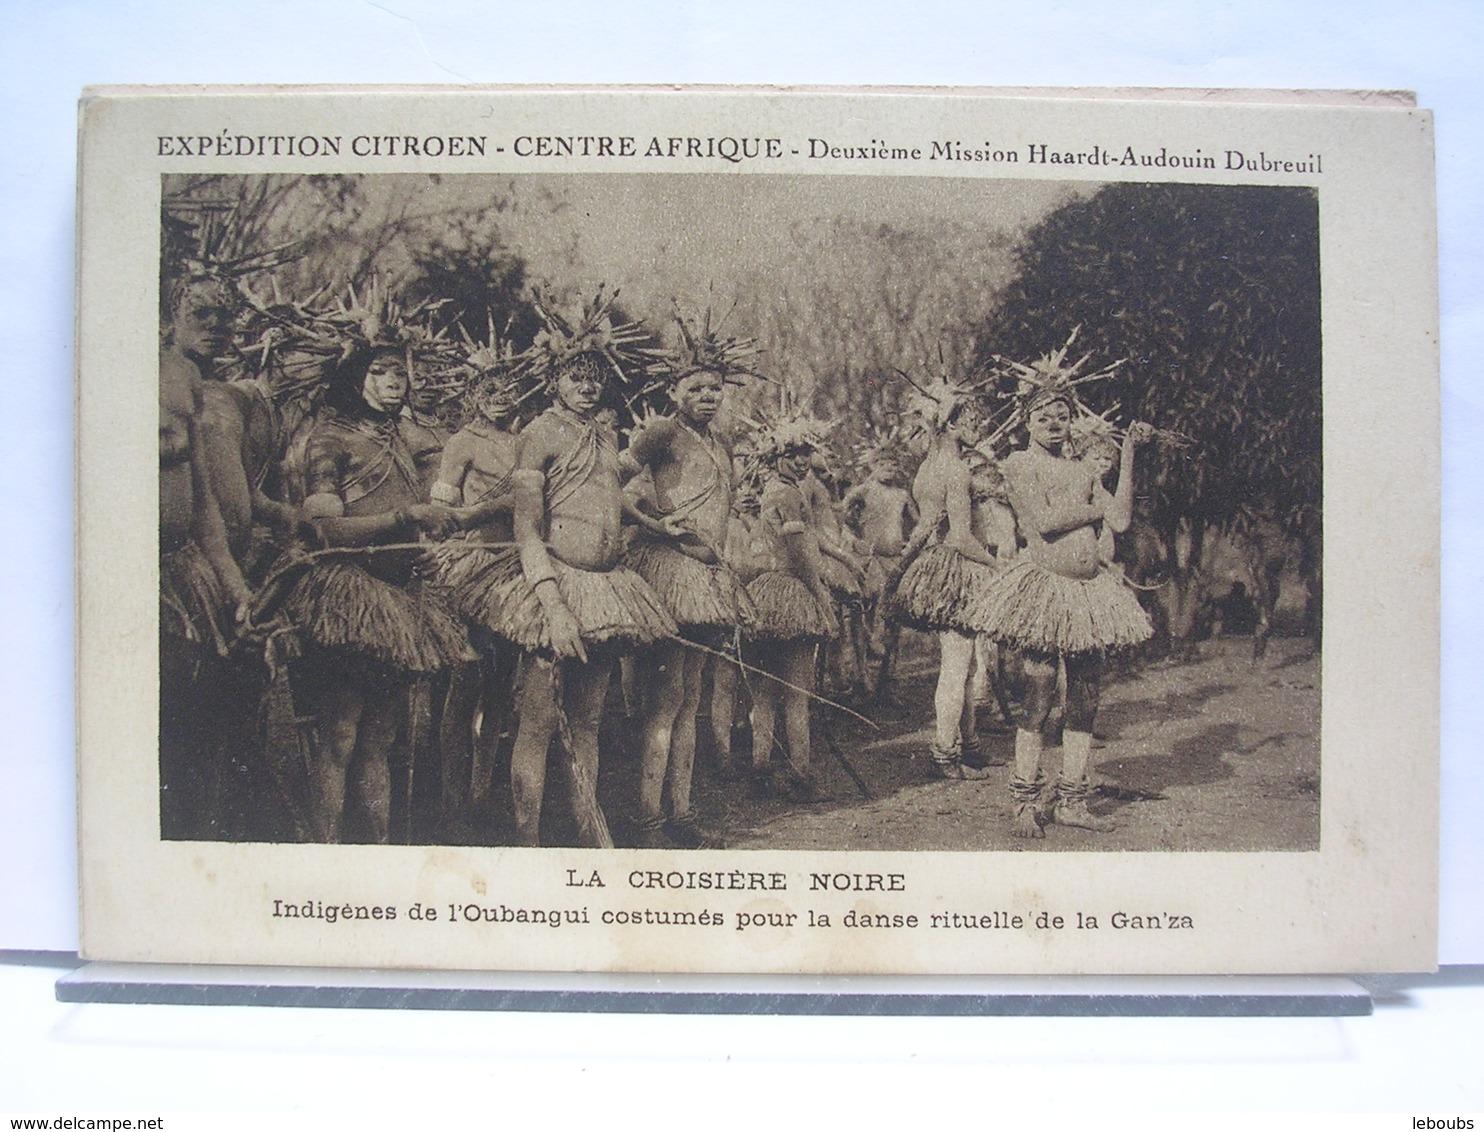 EXPEDITION CITROEN CENTRE AFRIQUE - LA CROISIERE NOIRE - INDIGENES DE L'OUBANGUI POUR LA DANSERITUELLE DE LA GAN'ZA - Centrafricaine (République)